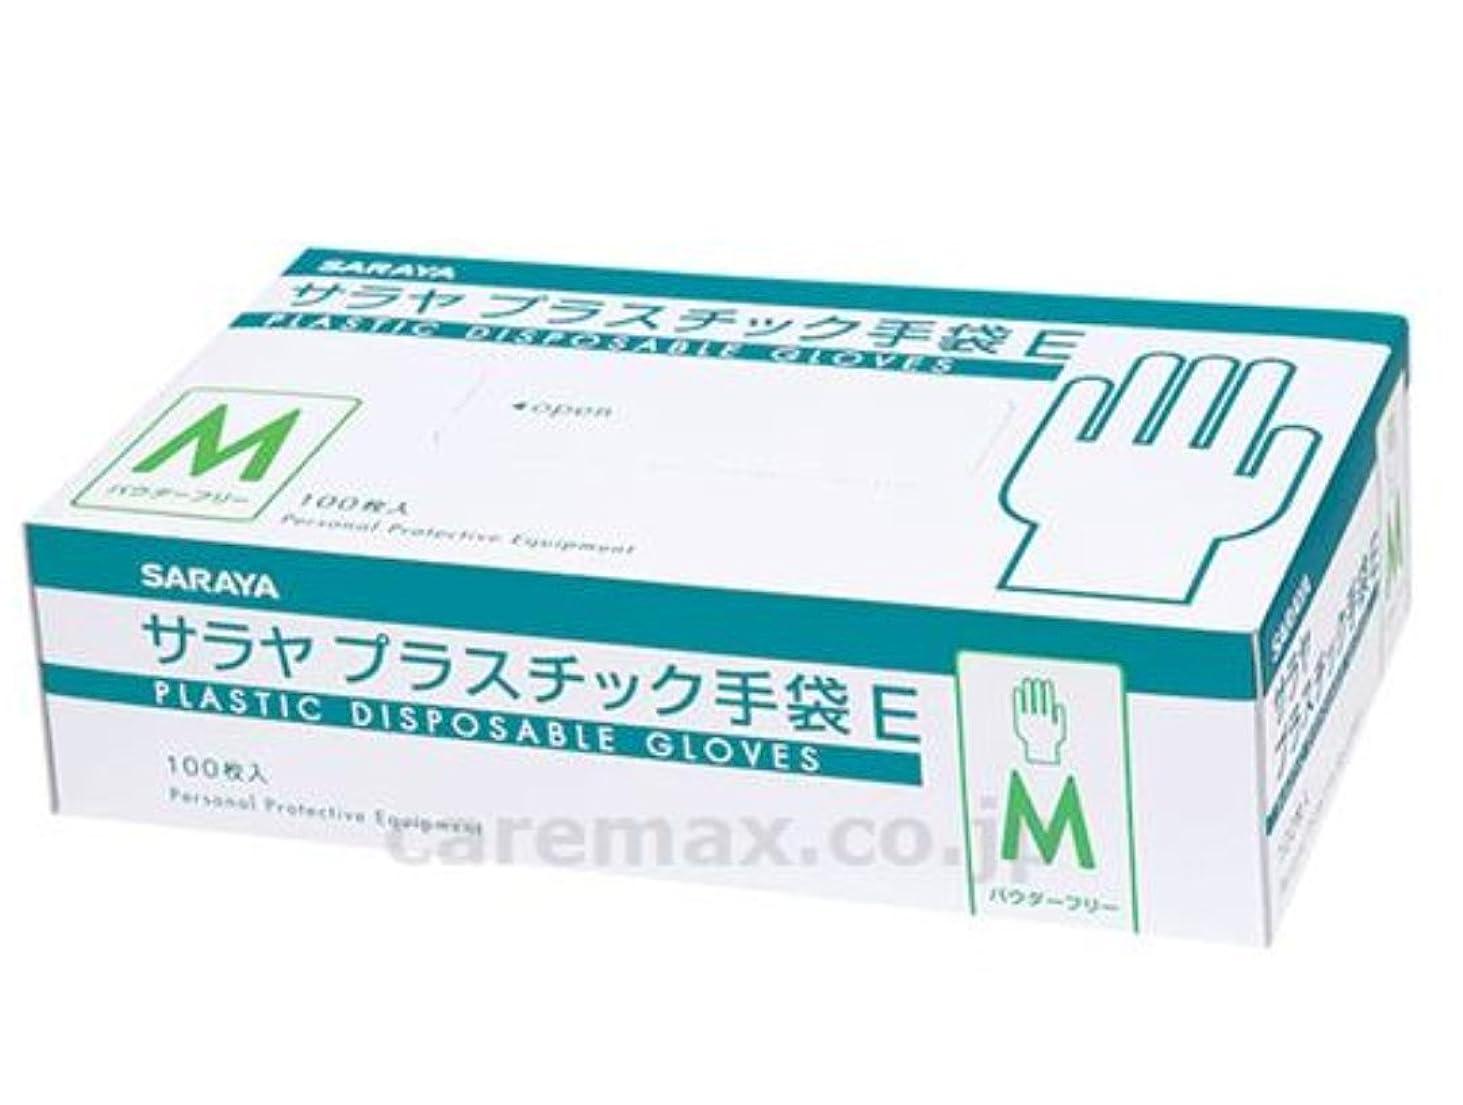 ステップながら遠足サラヤ 使い捨て手袋 プラスチック手袋E 粉なし Mサイズ 100枚入